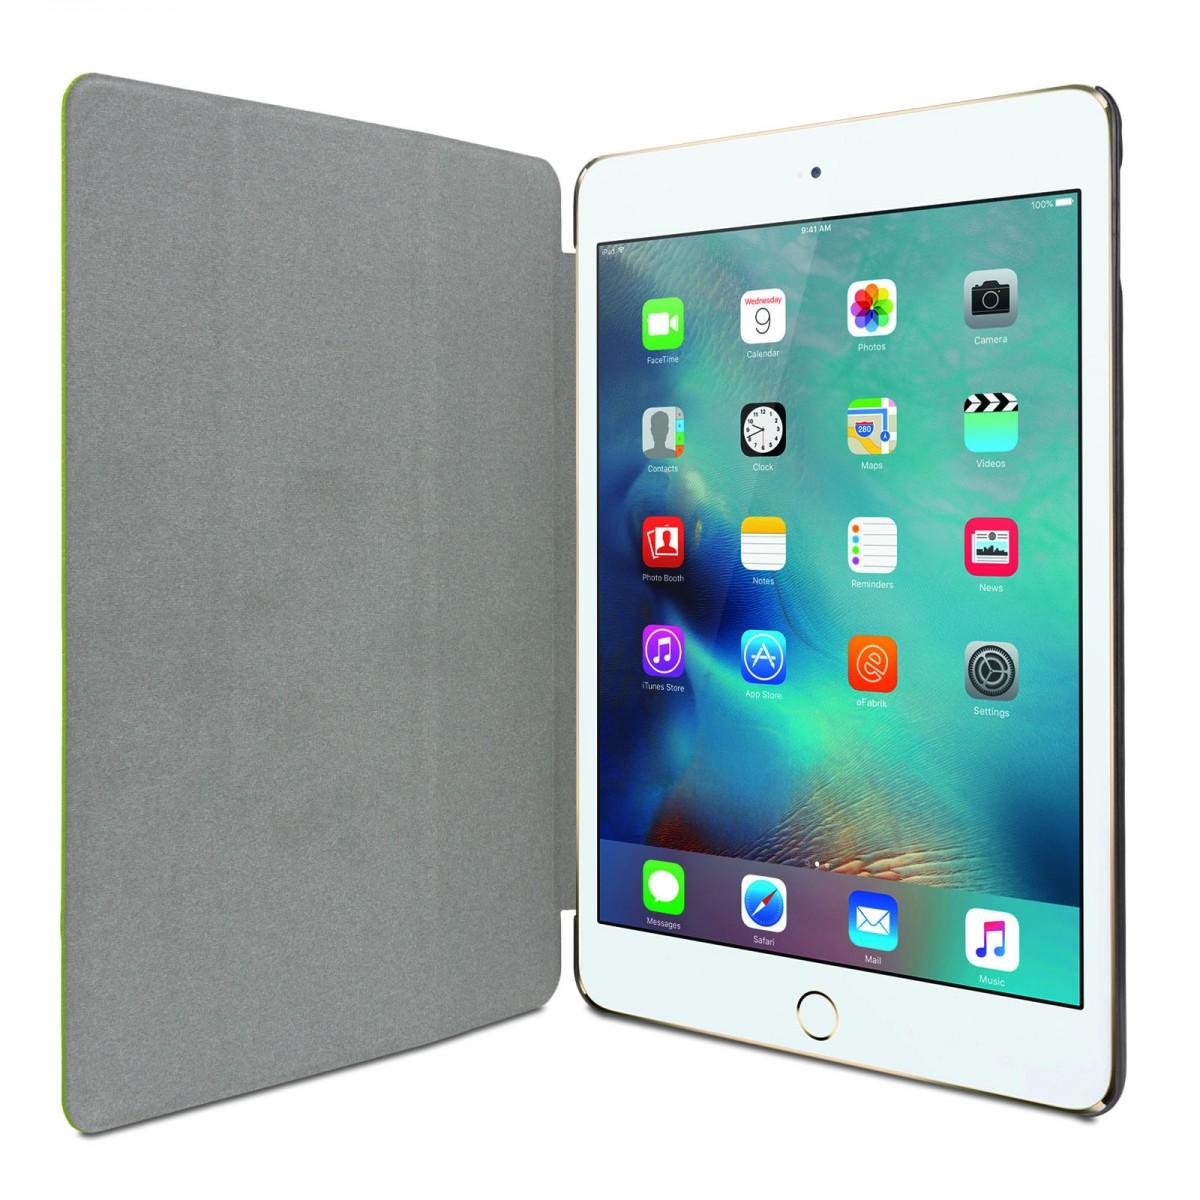 efabrik tablet tasche f r apple ipad mini 4 h lle gr n 7 9 zoll 20 1cm design case tablet. Black Bedroom Furniture Sets. Home Design Ideas